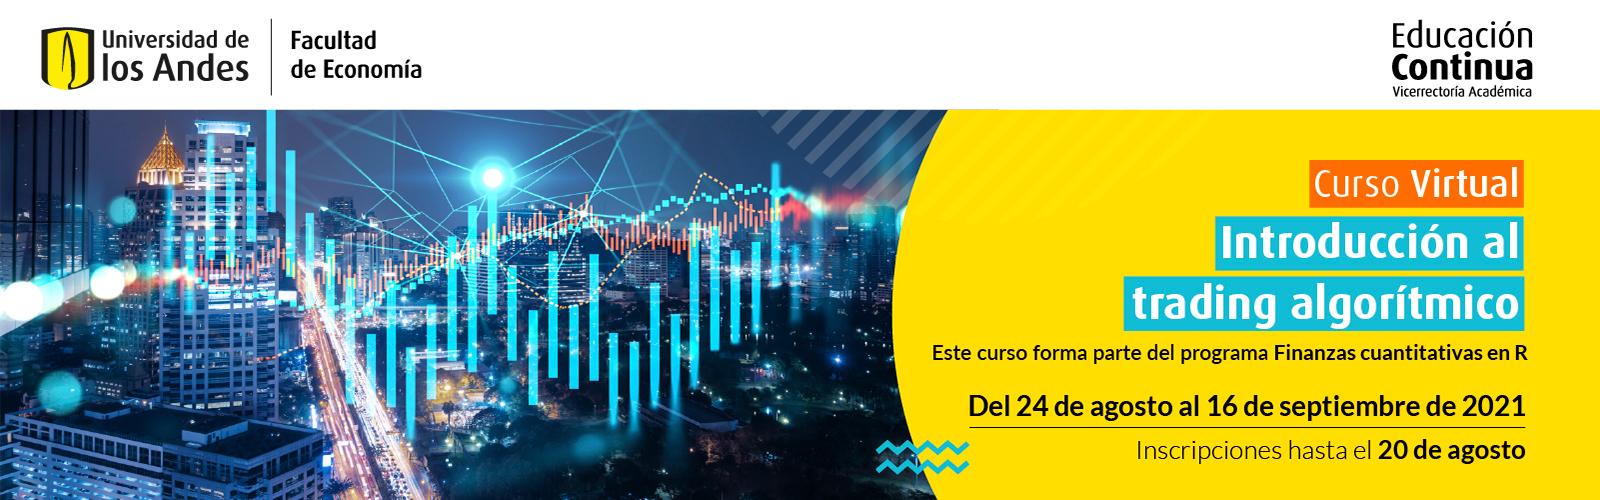 2021-Trading-algoritmico.jpg